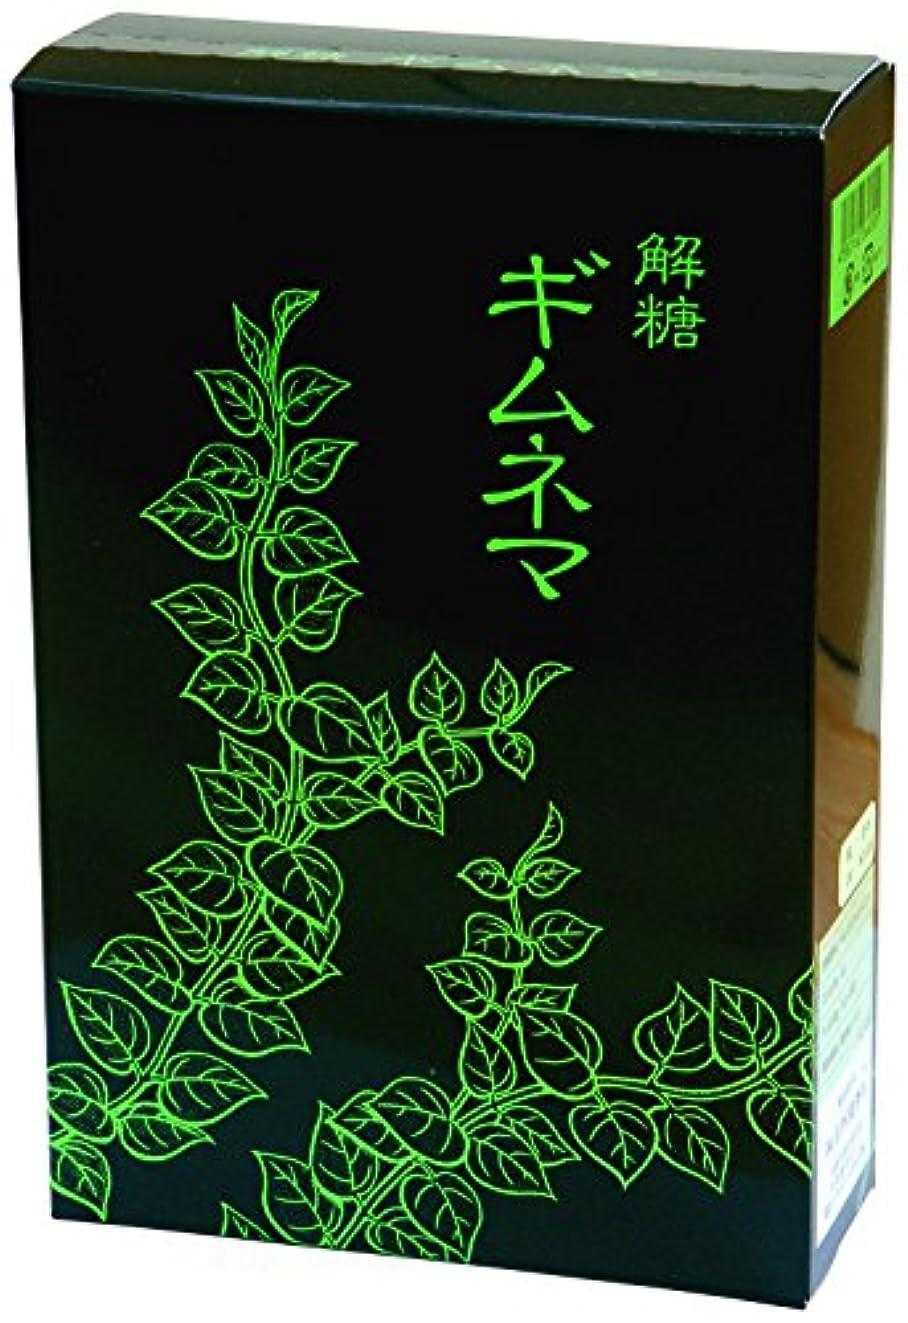 六ひねくれた芽自然健康社 解糖ギムネマ茶 4g×32パック 煮出し用ティーバッグ